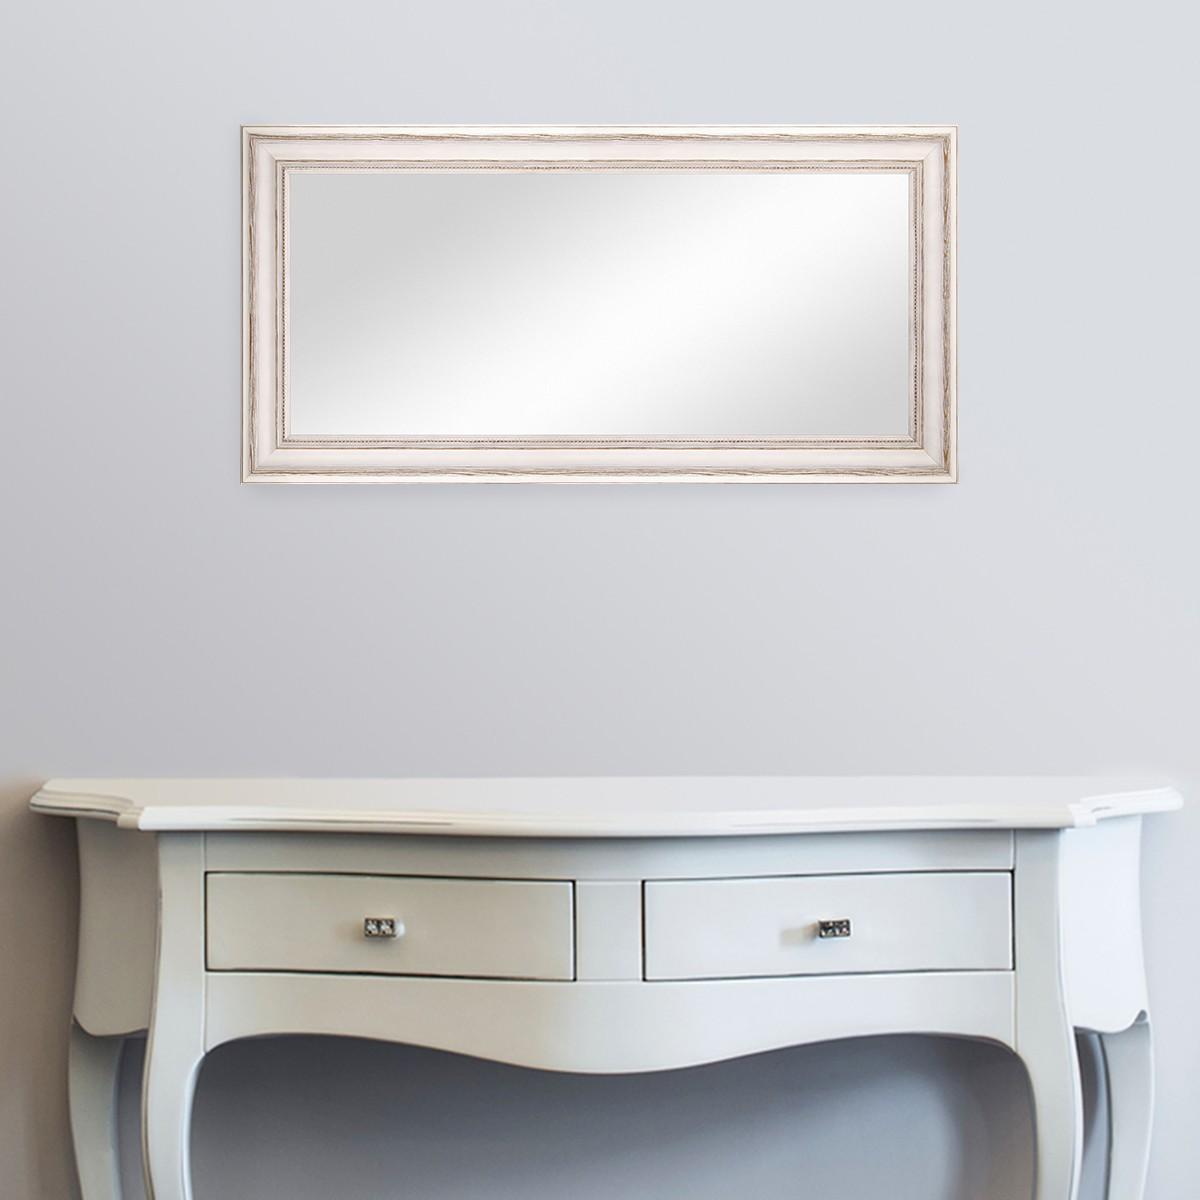 wand spiegel 40x70 cm im massivholz rahmen landhaus stil weiss spiegelfl che 30x60 cm spiegel. Black Bedroom Furniture Sets. Home Design Ideas